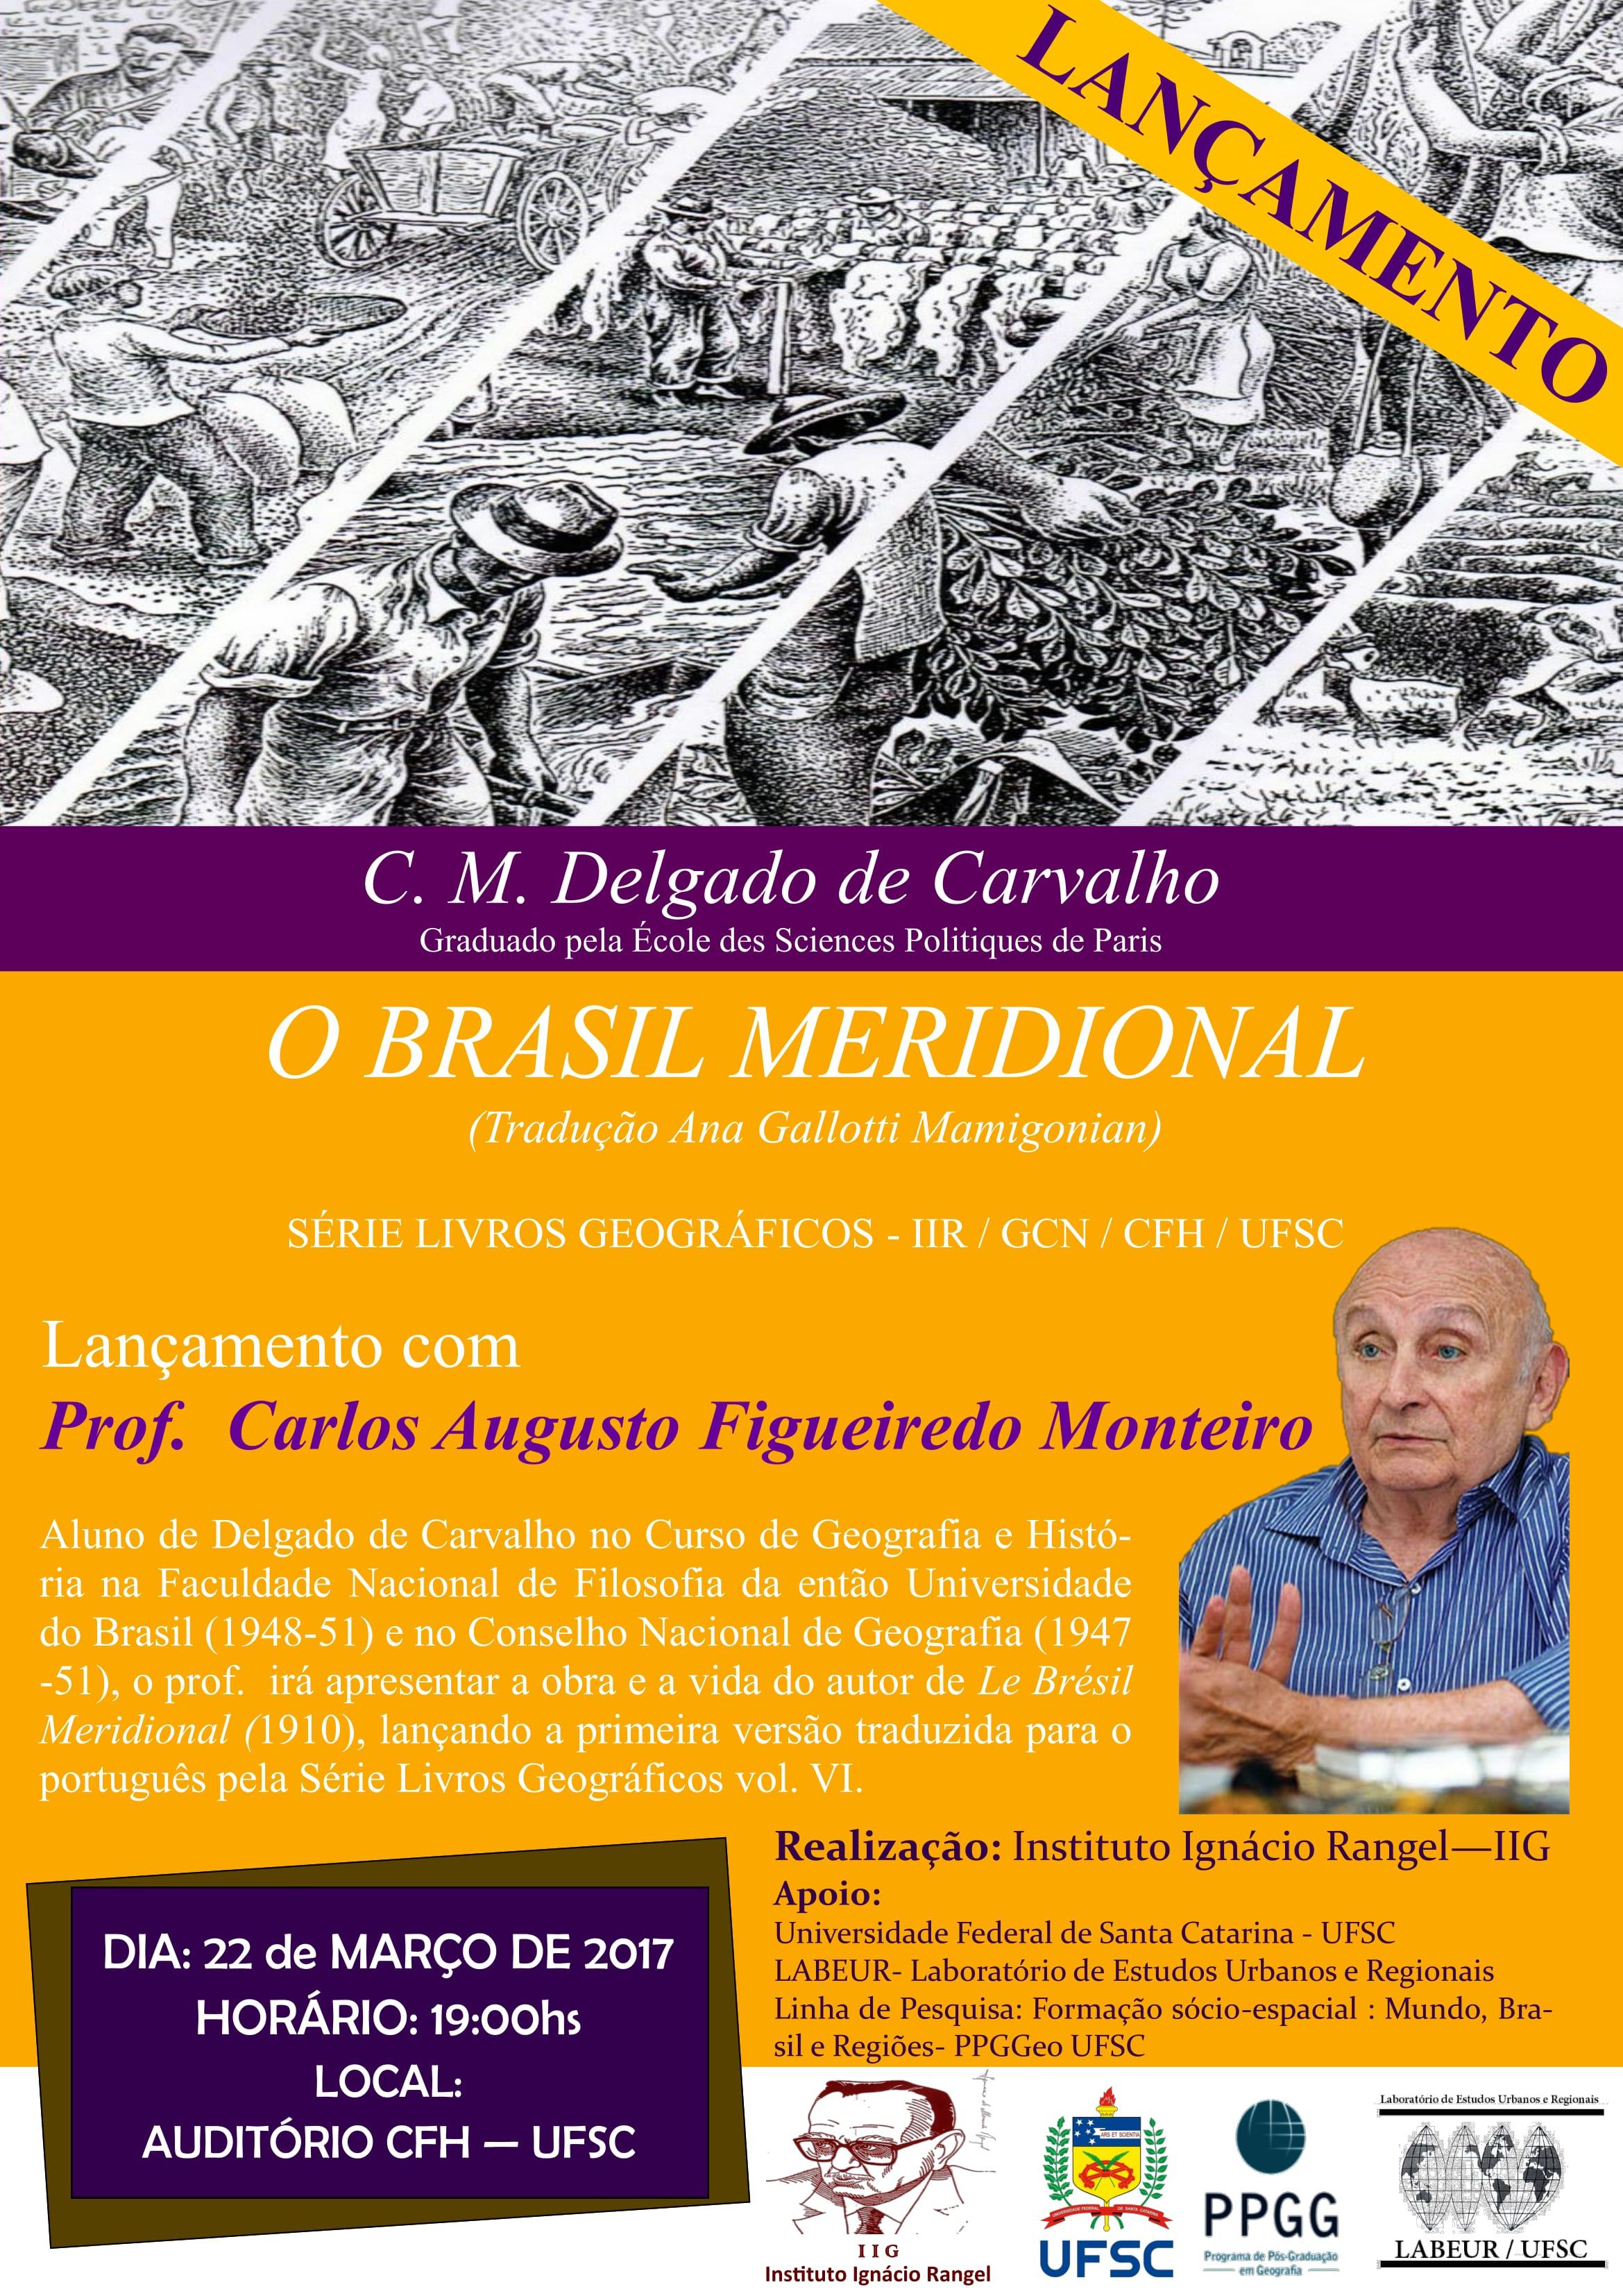 LIVRO DELGADO DE CARVALHO-1